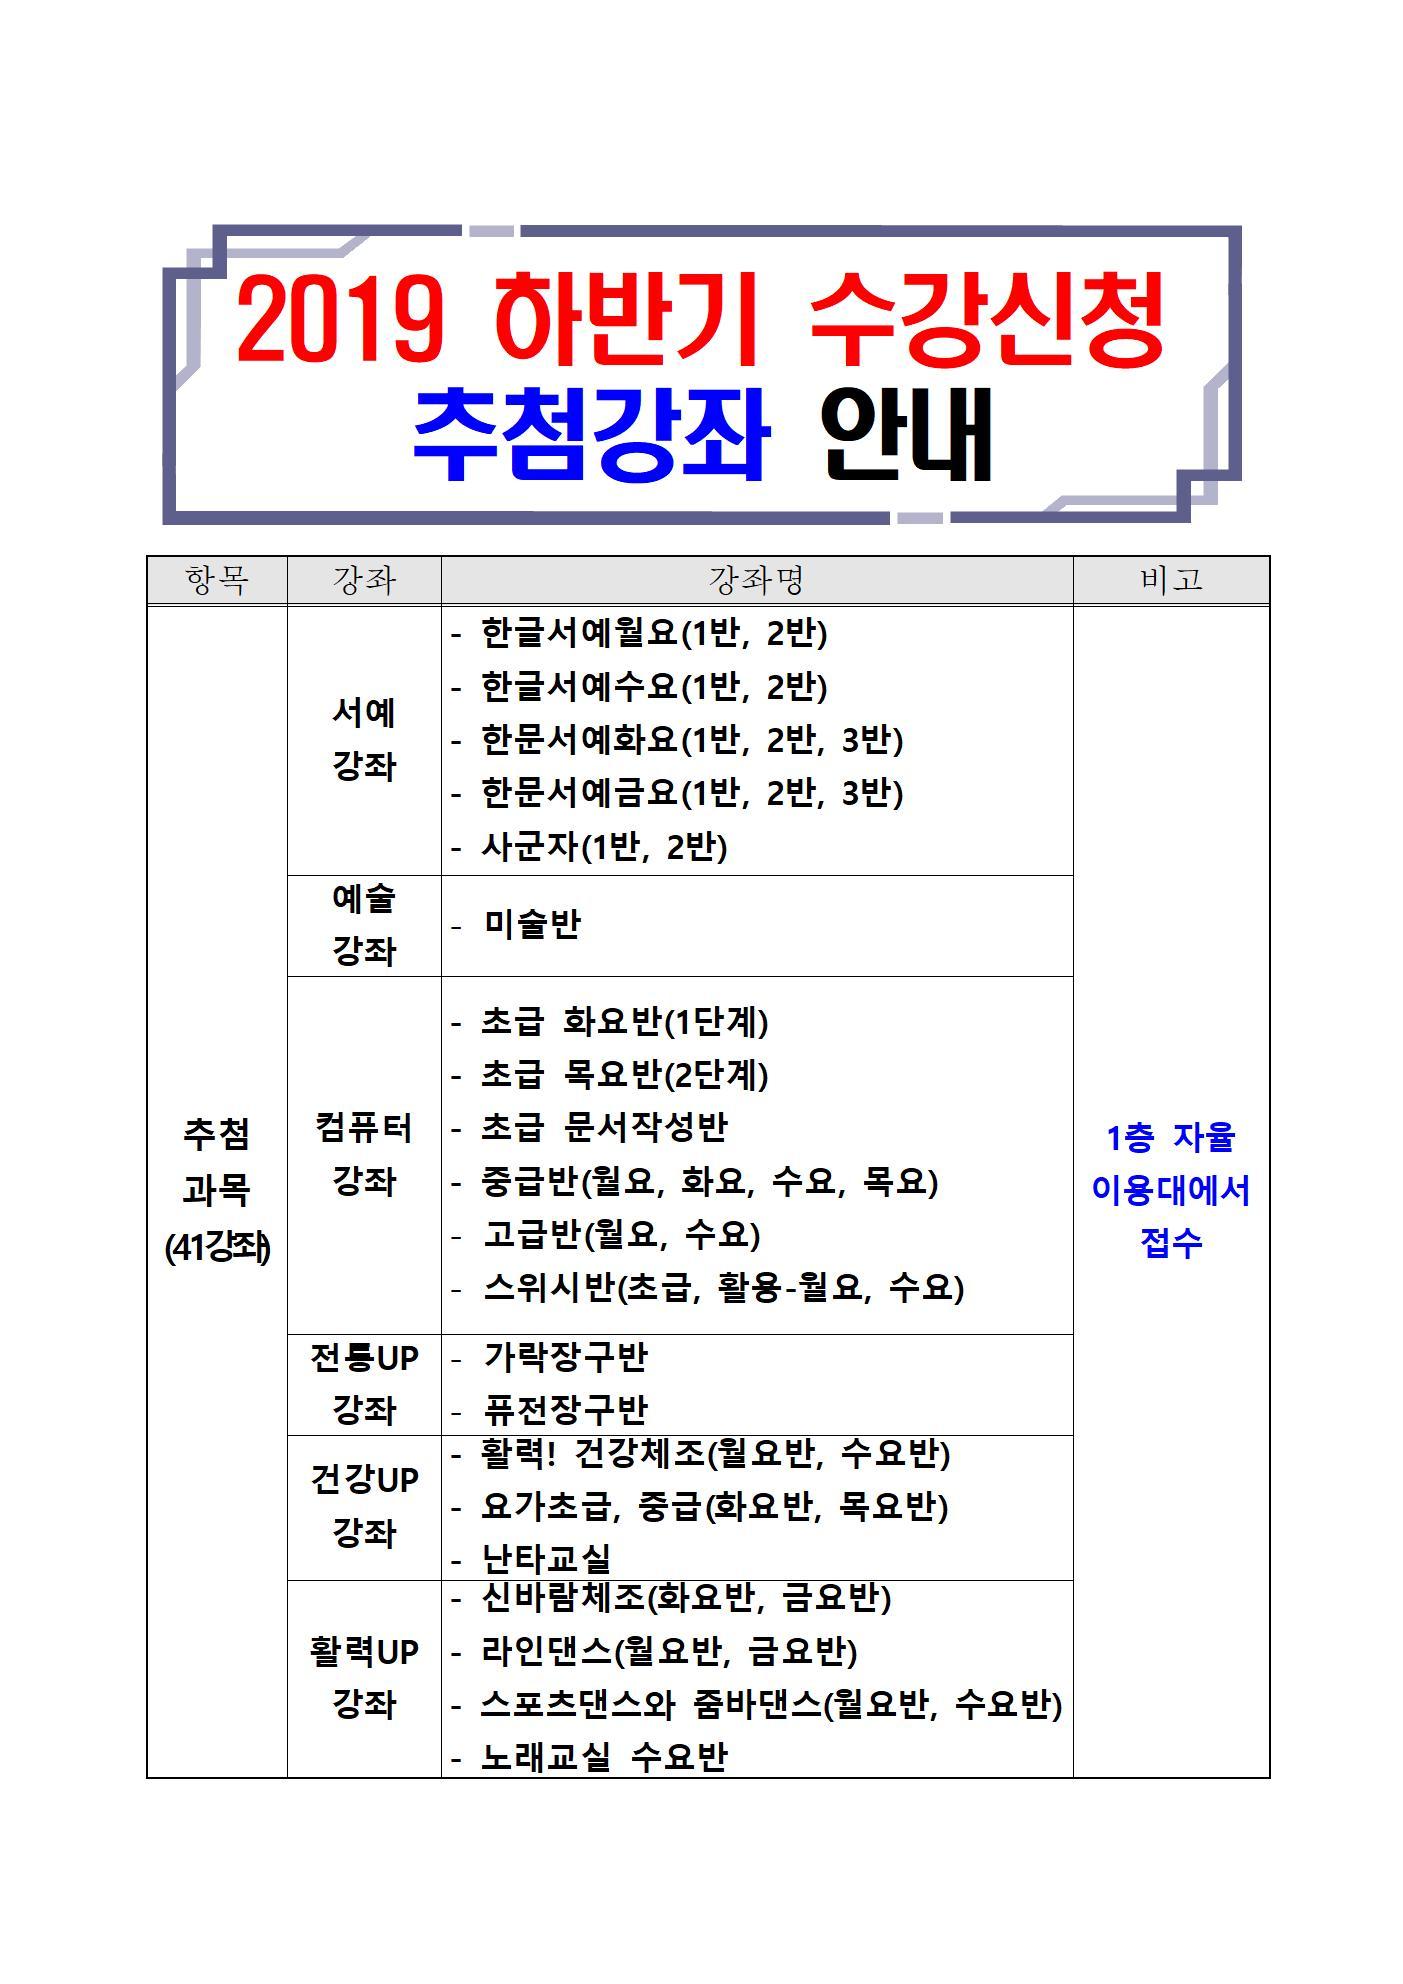 2019년 하반기 수강신청 추첨일정001.jpg